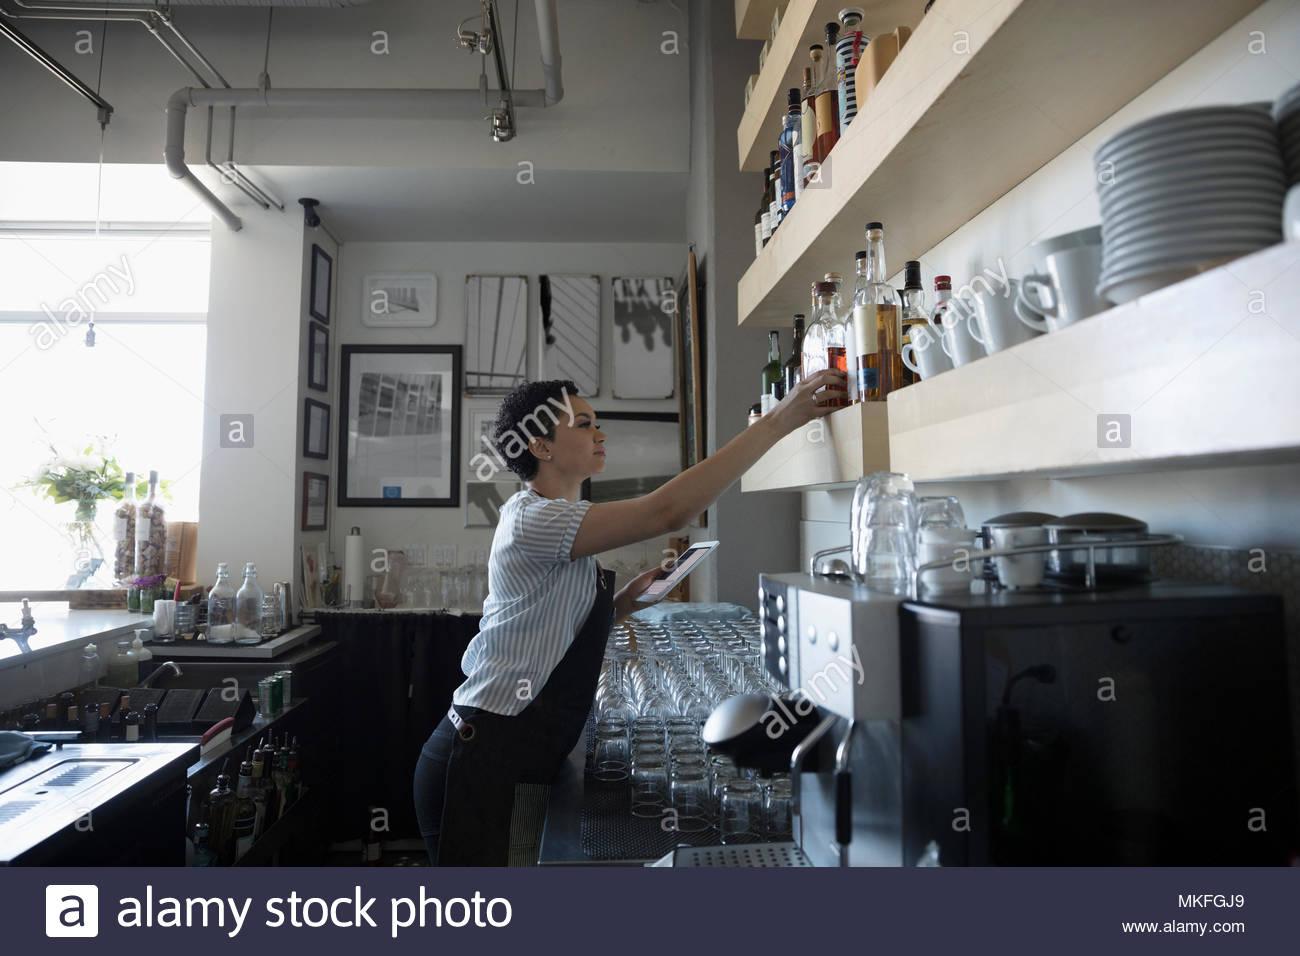 Female bartender organizing alcohol bottles in bar - Stock Image